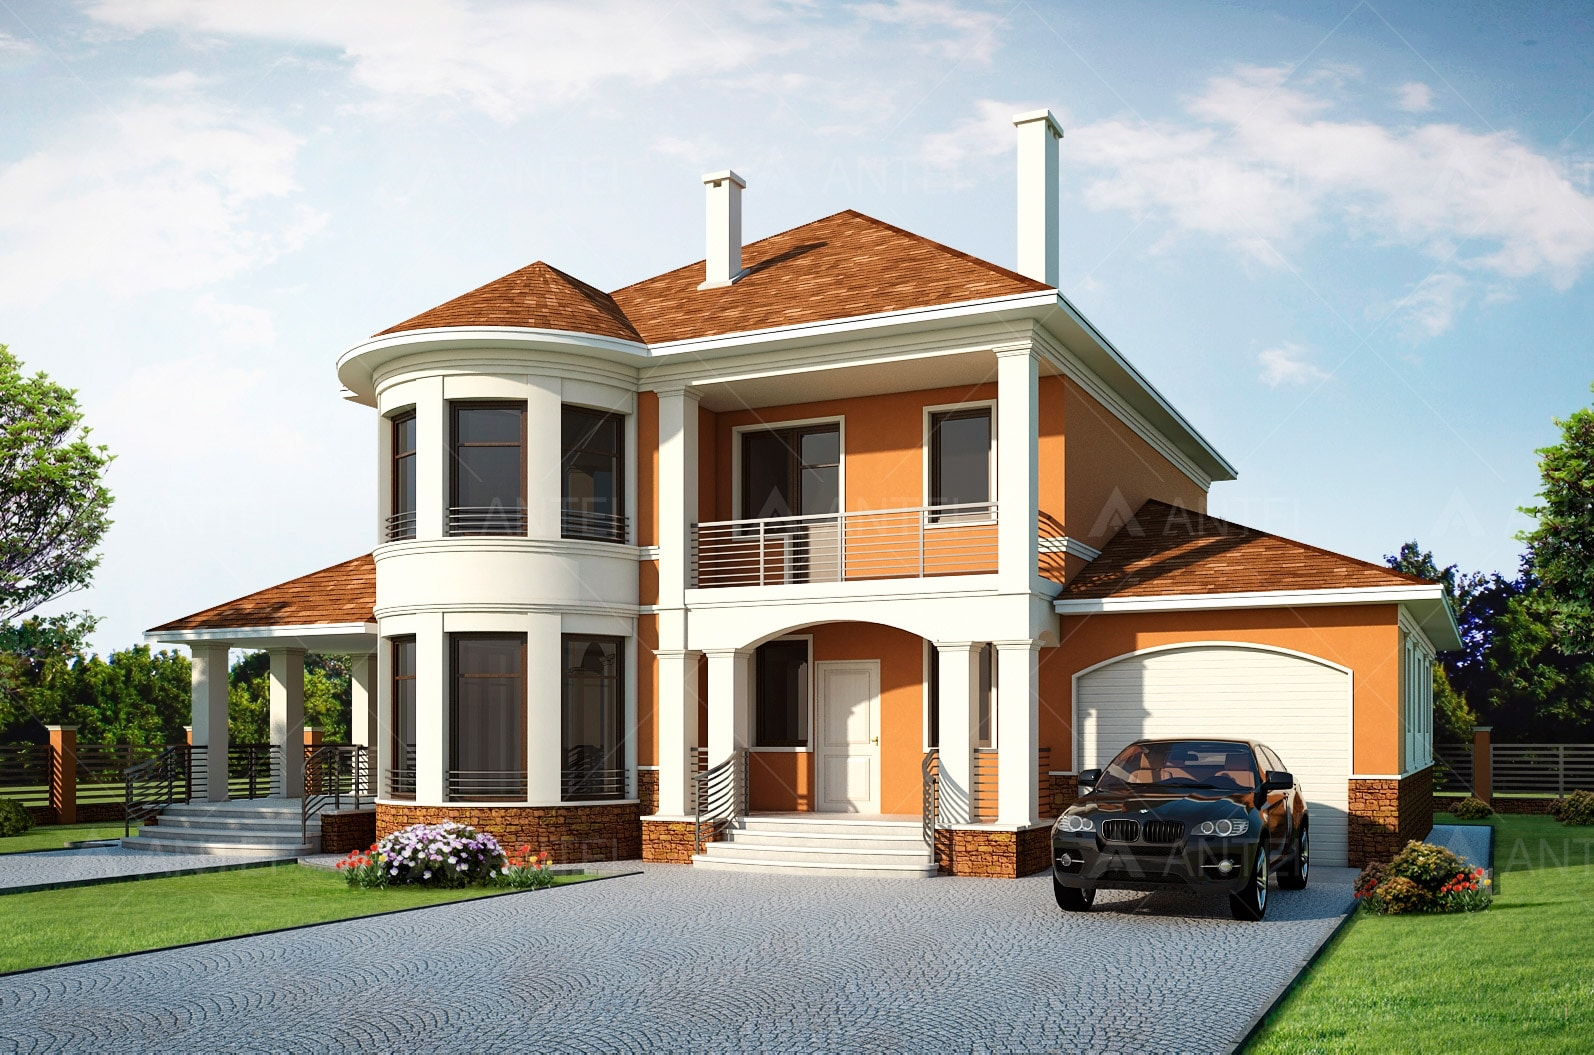 Проект двухэтажного дома с гаражом, террасой и подвалом «КД-26» - фото №1